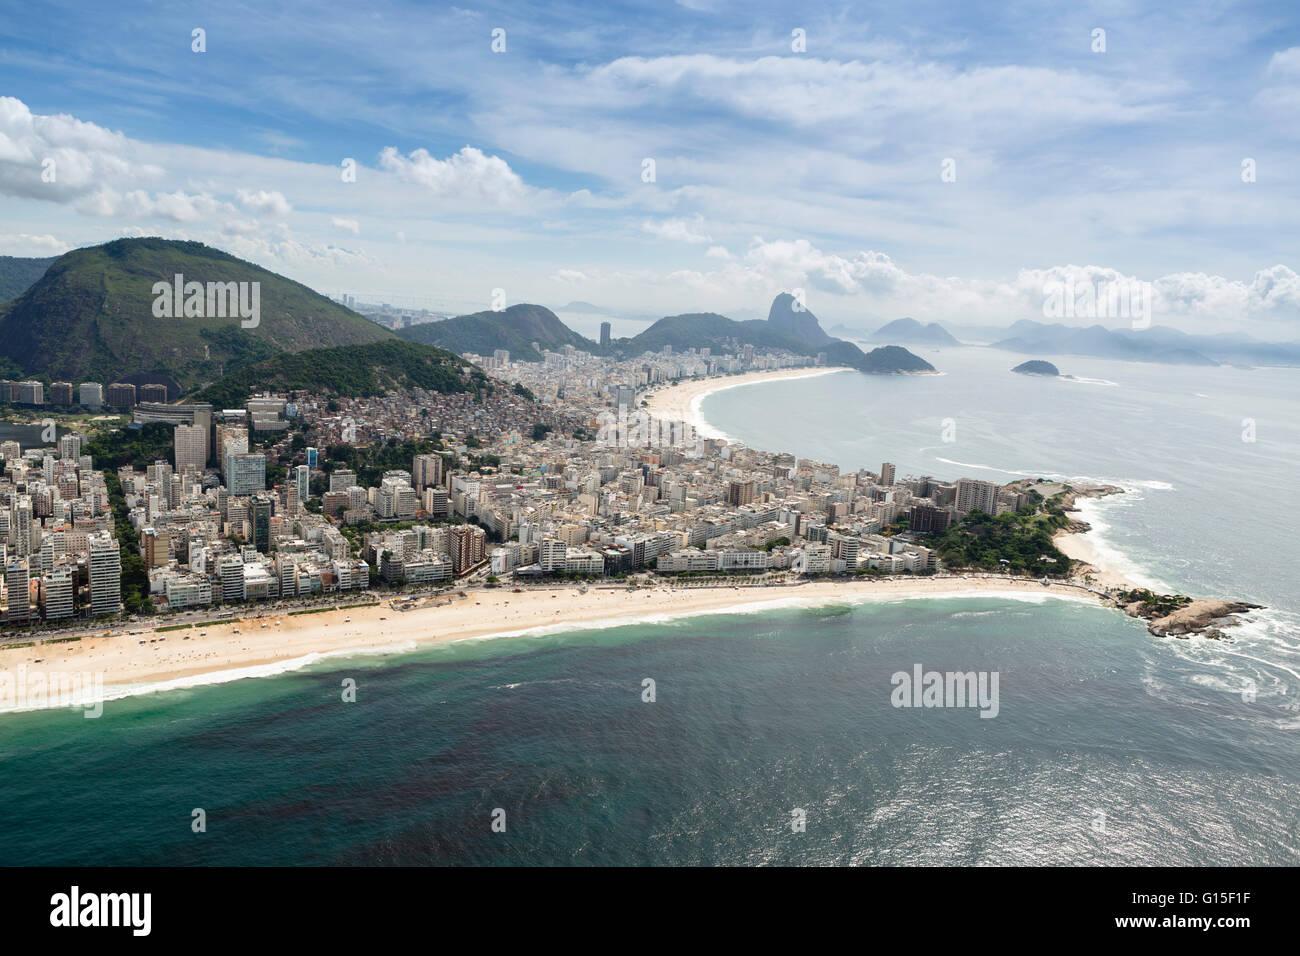 Las playas de Copacabana y Arpoador y la península de Arpoador, Rio de Janeiro, Brasil, América del Sur Imagen De Stock